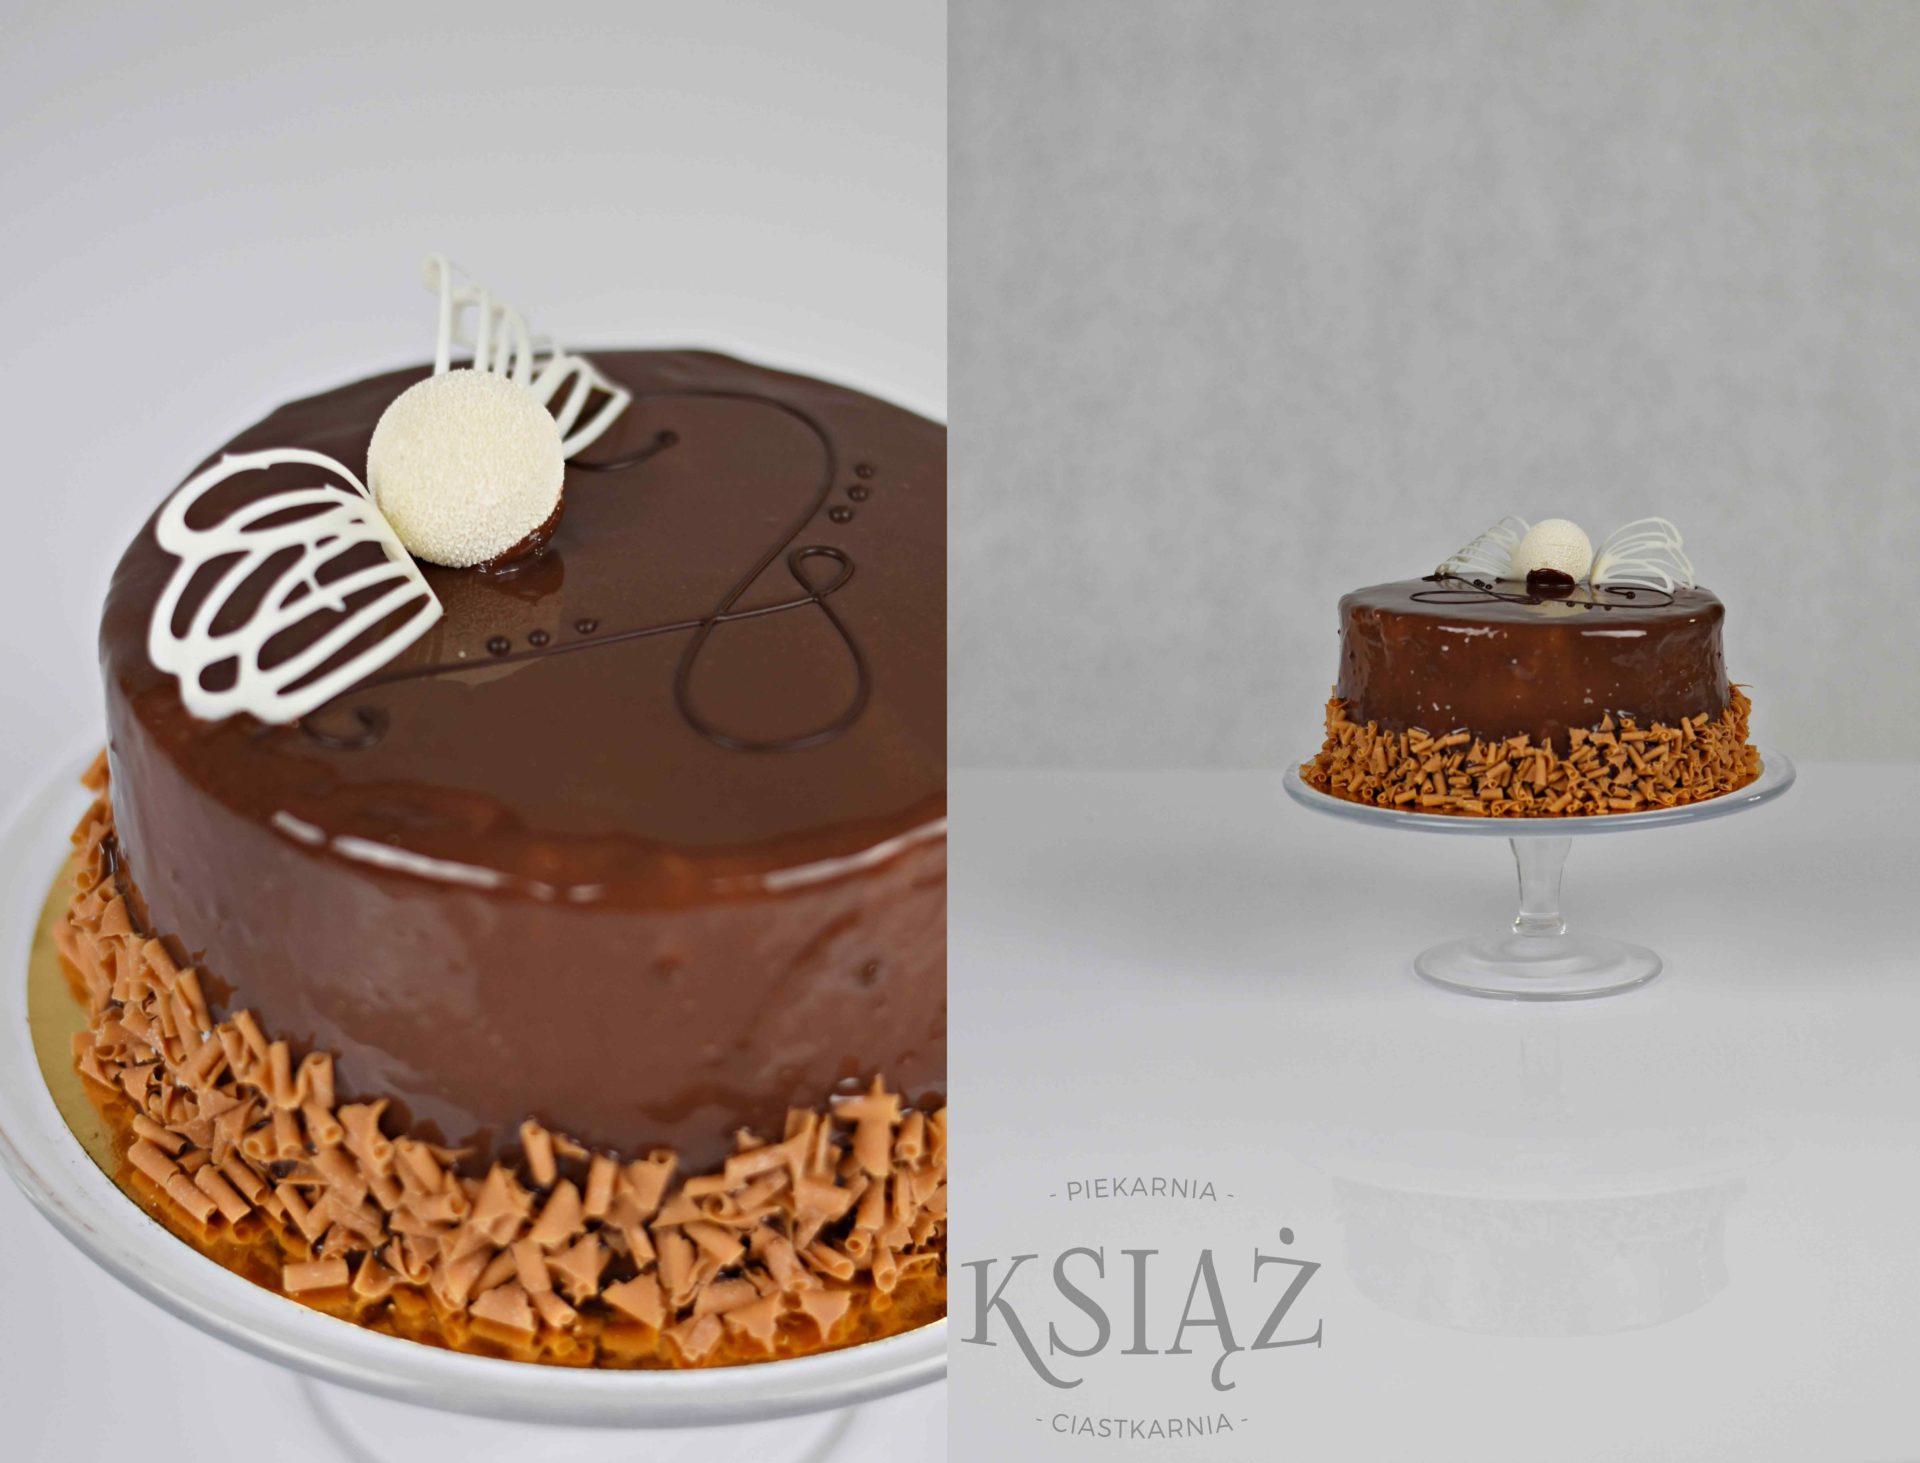 Tort brzdąc T013 - jasny biszkopt, przełożony śmietaną czekoladową